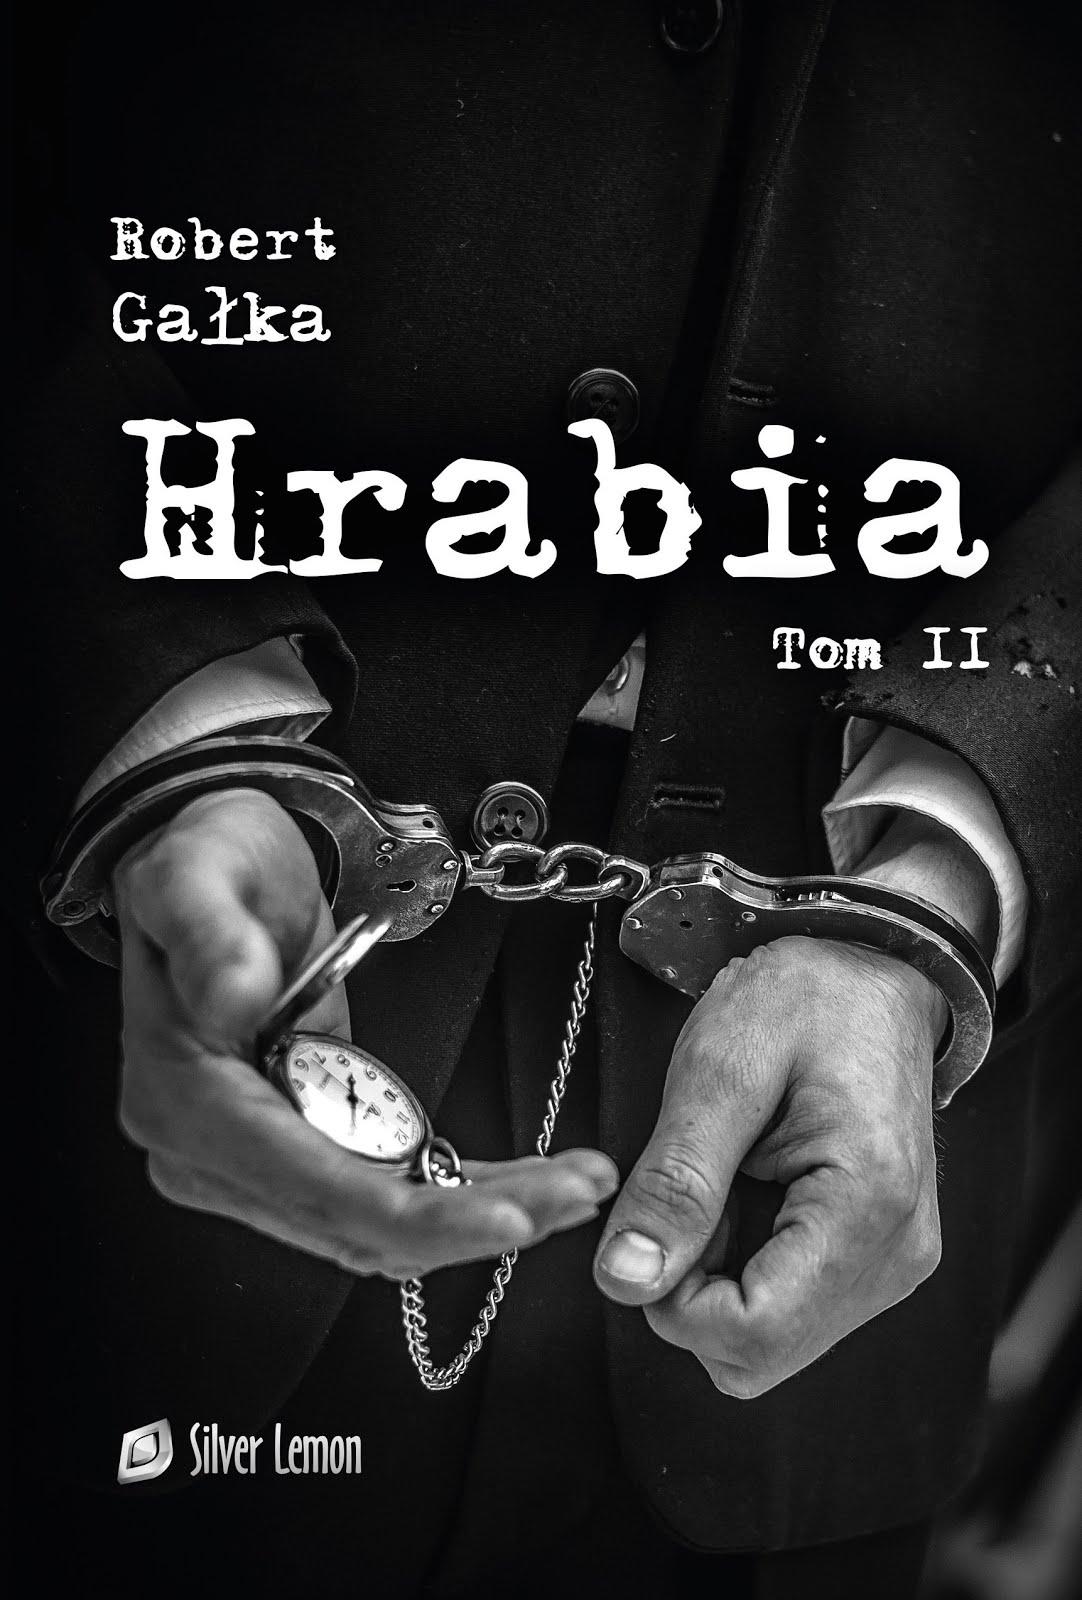 HRABIA TOM II - premiera 21.03.2019 - zapowiedź!